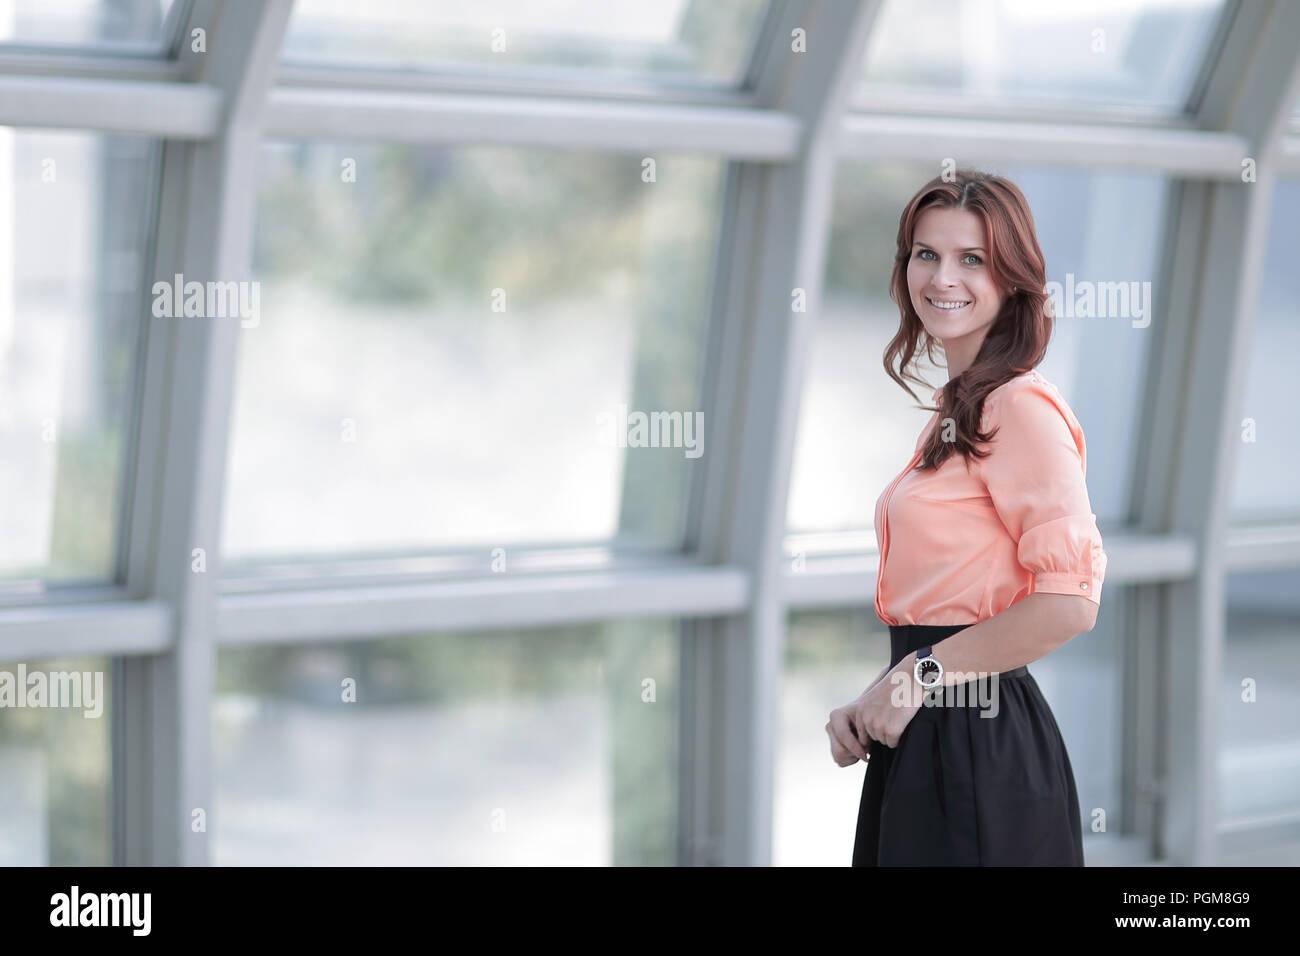 Femme d'affaires moderne à proximité d'une grande fenêtre dans le bureau. Banque D'Images